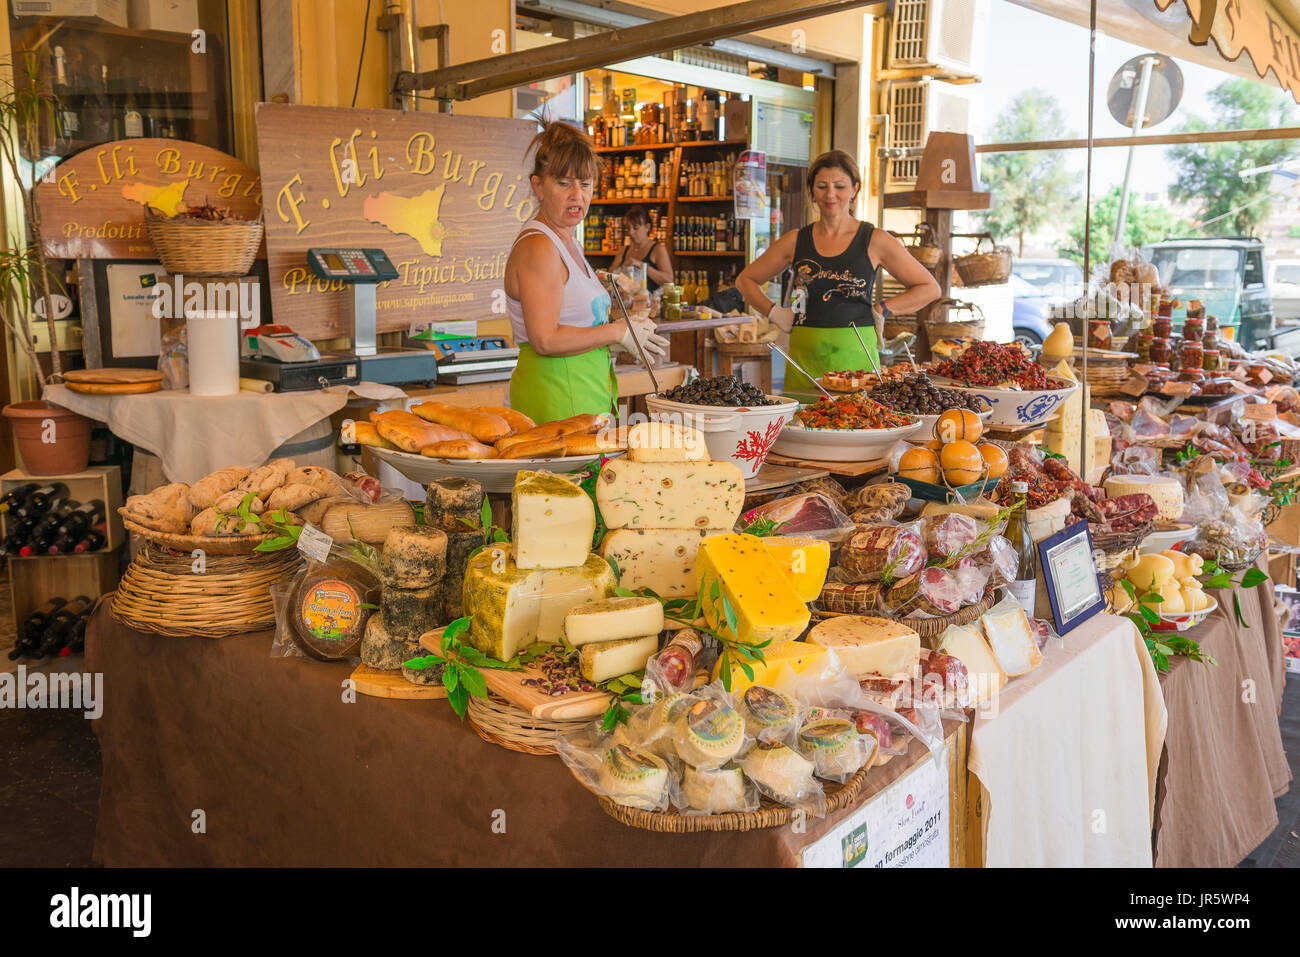 Sicilia mercato alimentare, un famoso negozio di specialità gastronomiche vende tipicamente siciliana di produrre sul mercato in Siracusa (Ortigia) isola, Siracusa, Sicilia, Immagini Stock